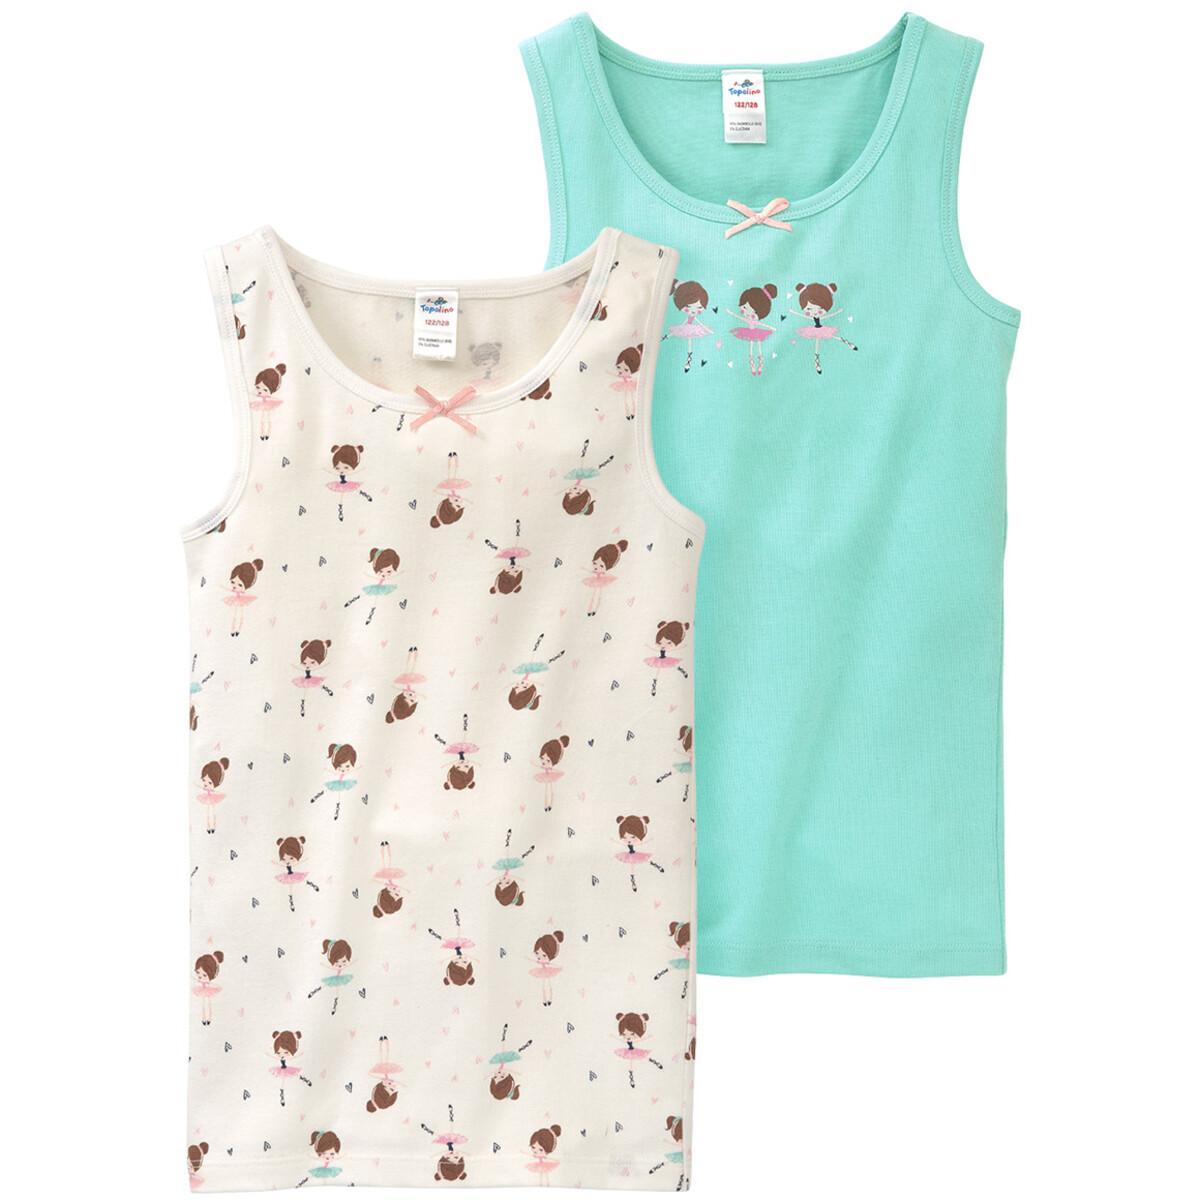 Bild 1 von 2 Mädchen Unterhemden im Set